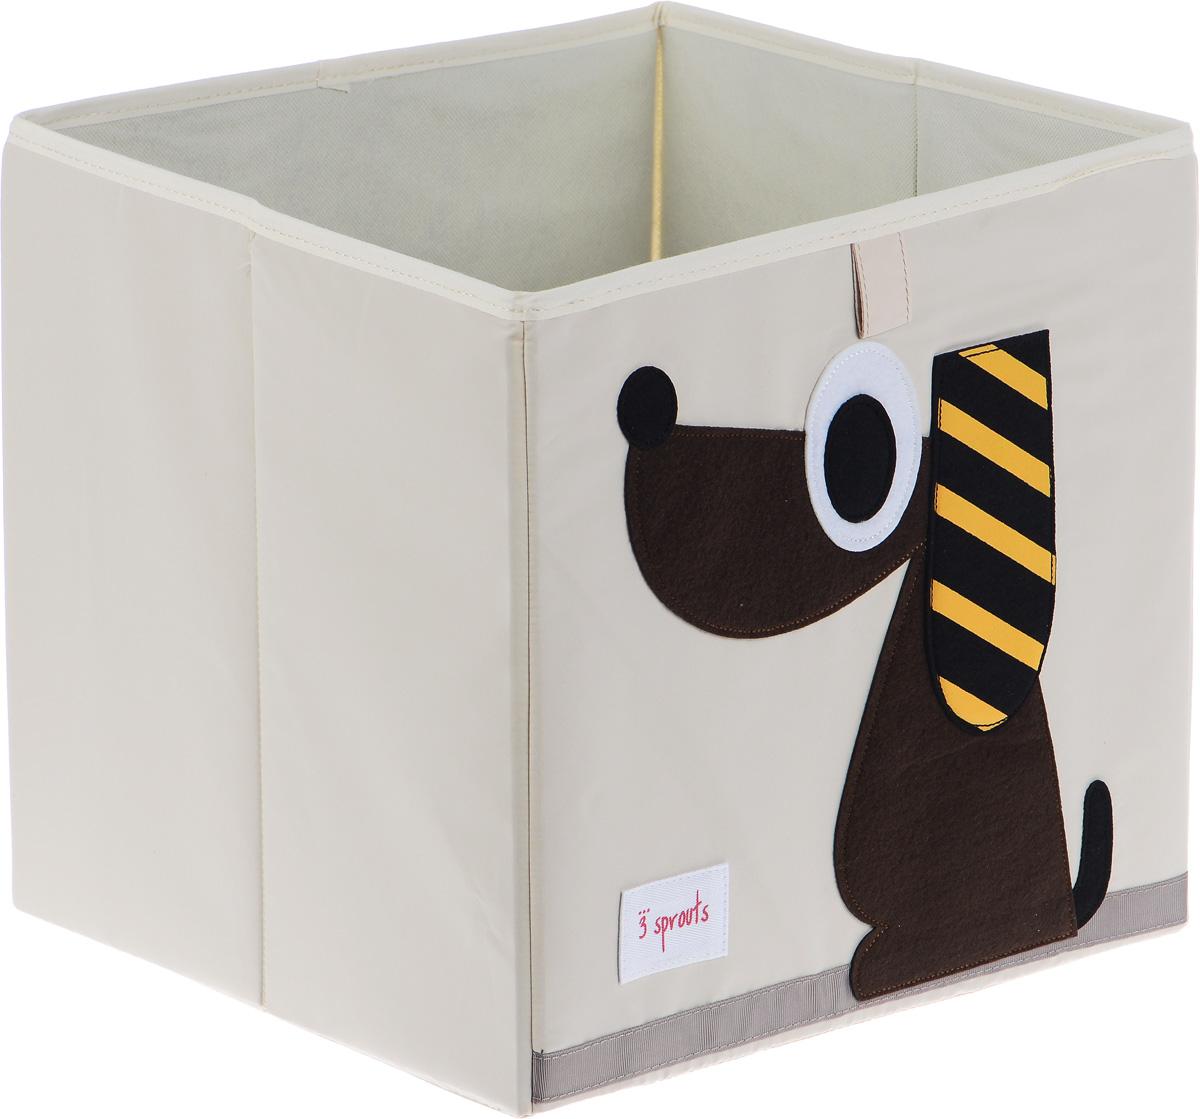 3 Sprouts Коробка для хранения Собачка67621Коробка для хранения 3 Sprouts Собачка - это отличный вариант организации пространства любой комнаты.Стороны коробки усилены с помощью картона, поэтому она всегда стоит ровно. Помещается практически во все стеллажи с квадратными отсеками и добавляет озорства любой комнате. Стоит ли коробка отдельно или на полке стеллажа, она обеспечит прекрасную организацию в вашем доме.Не содержит фталаты. Уход: снаружи - только выведение пятен.